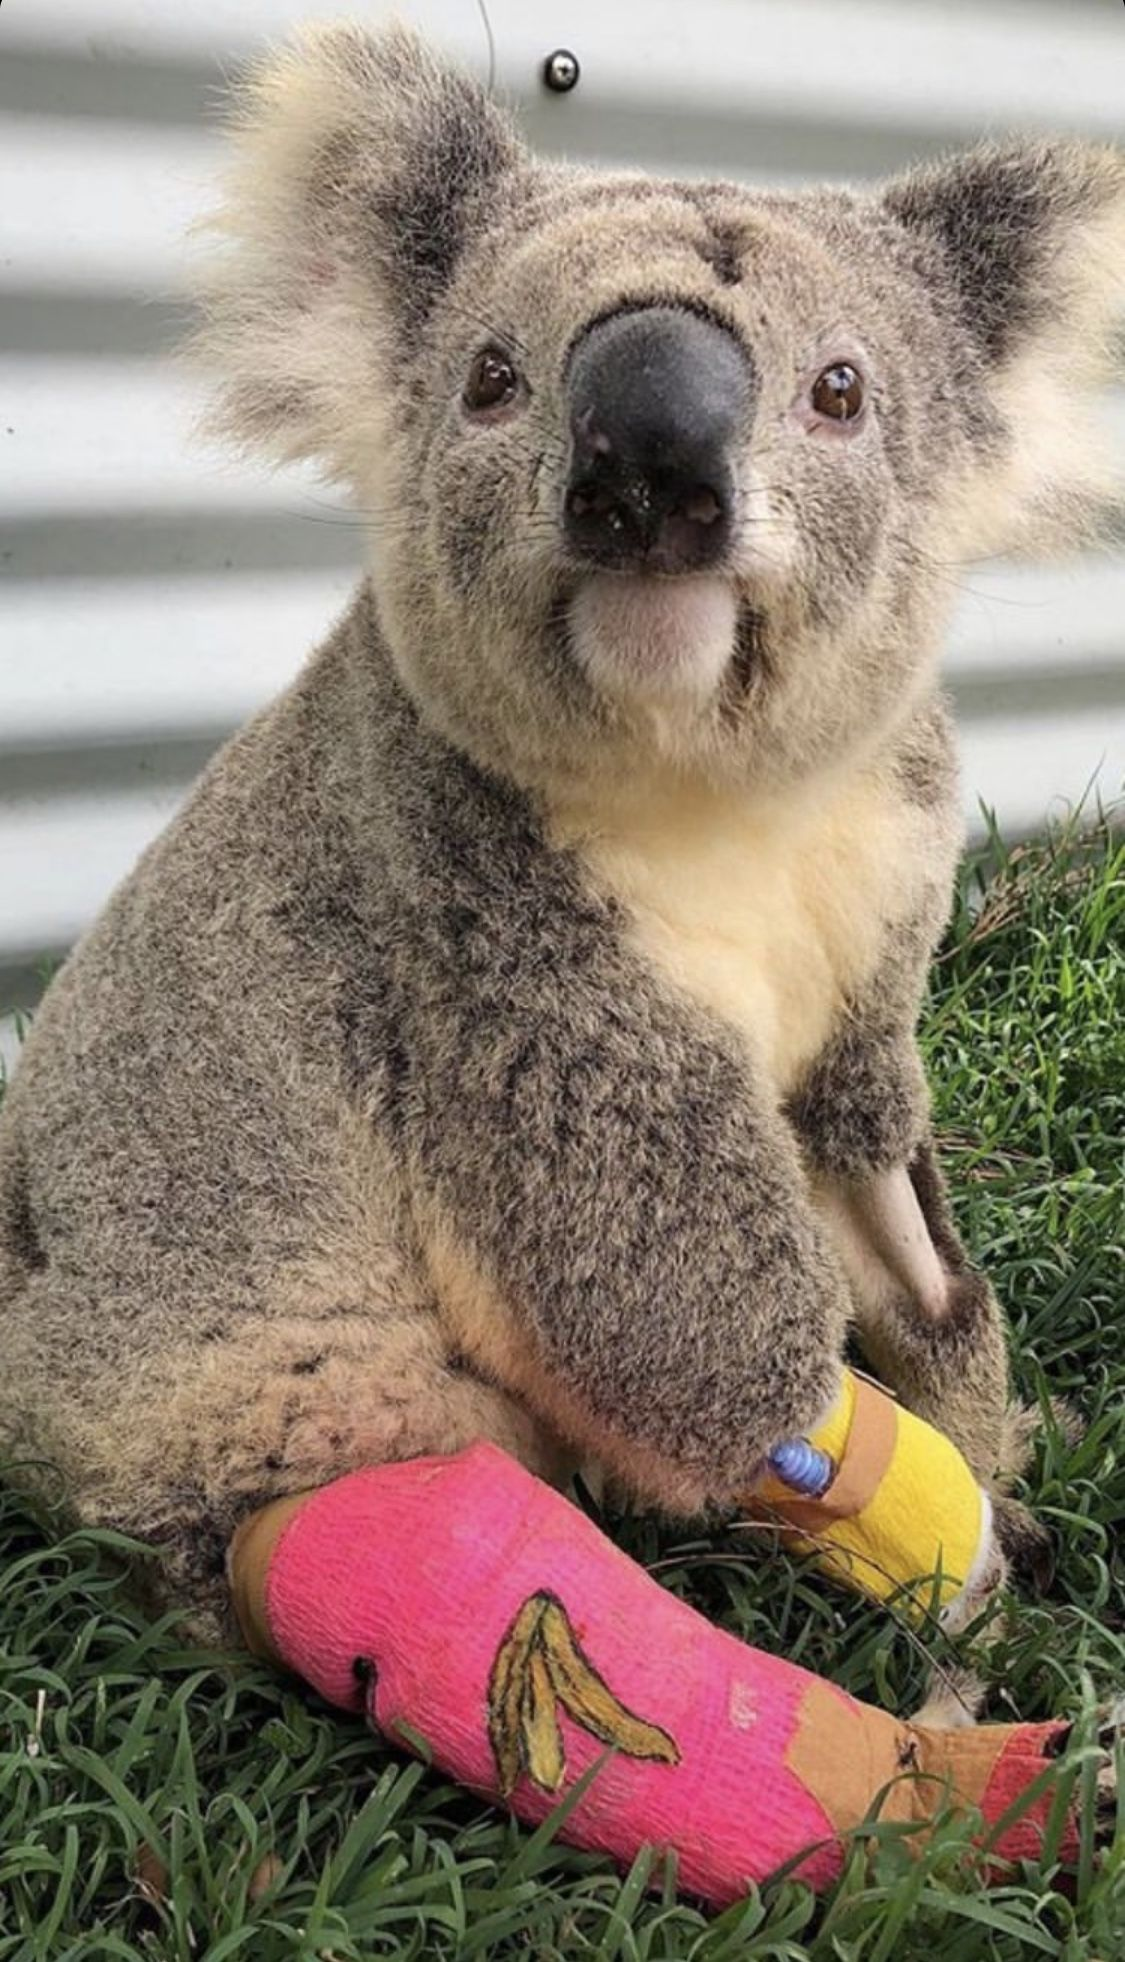 Pin by ℛᎽᎯℕℕ8 on ℙIℂᏆUℛℰЅ ᏆℋᎯᏆ I ℒᎾᏉℰ in 2020 Koala